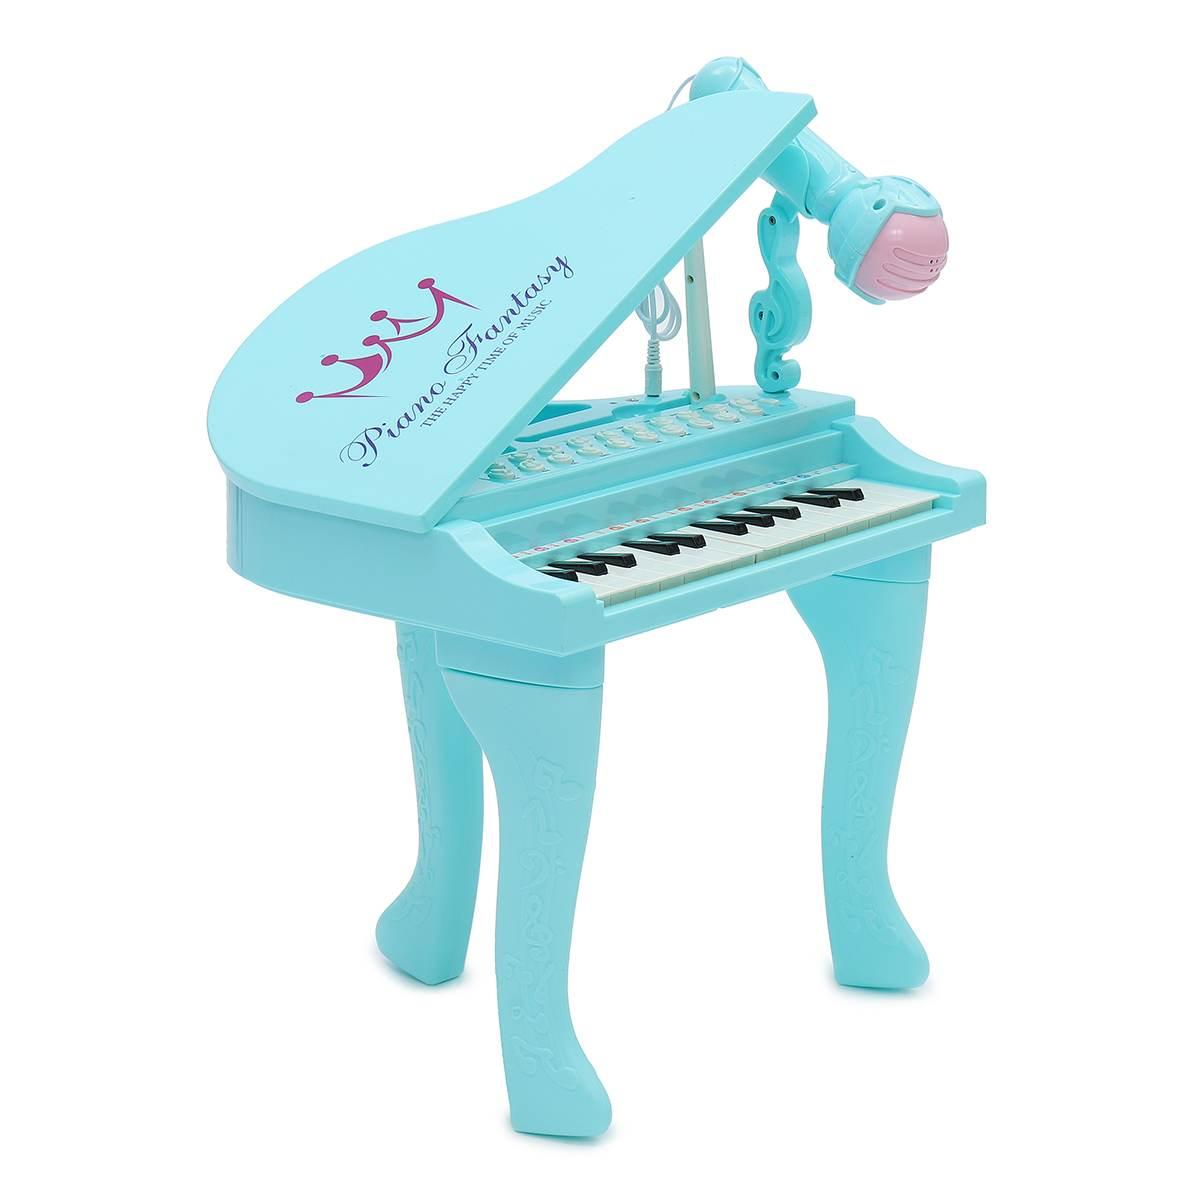 2 couleurs 25 touches clavier jouet orgue électronique enfants Piano Microphone Instrument de musique jouant jouet ensemble enfants cadeaux USB - 6